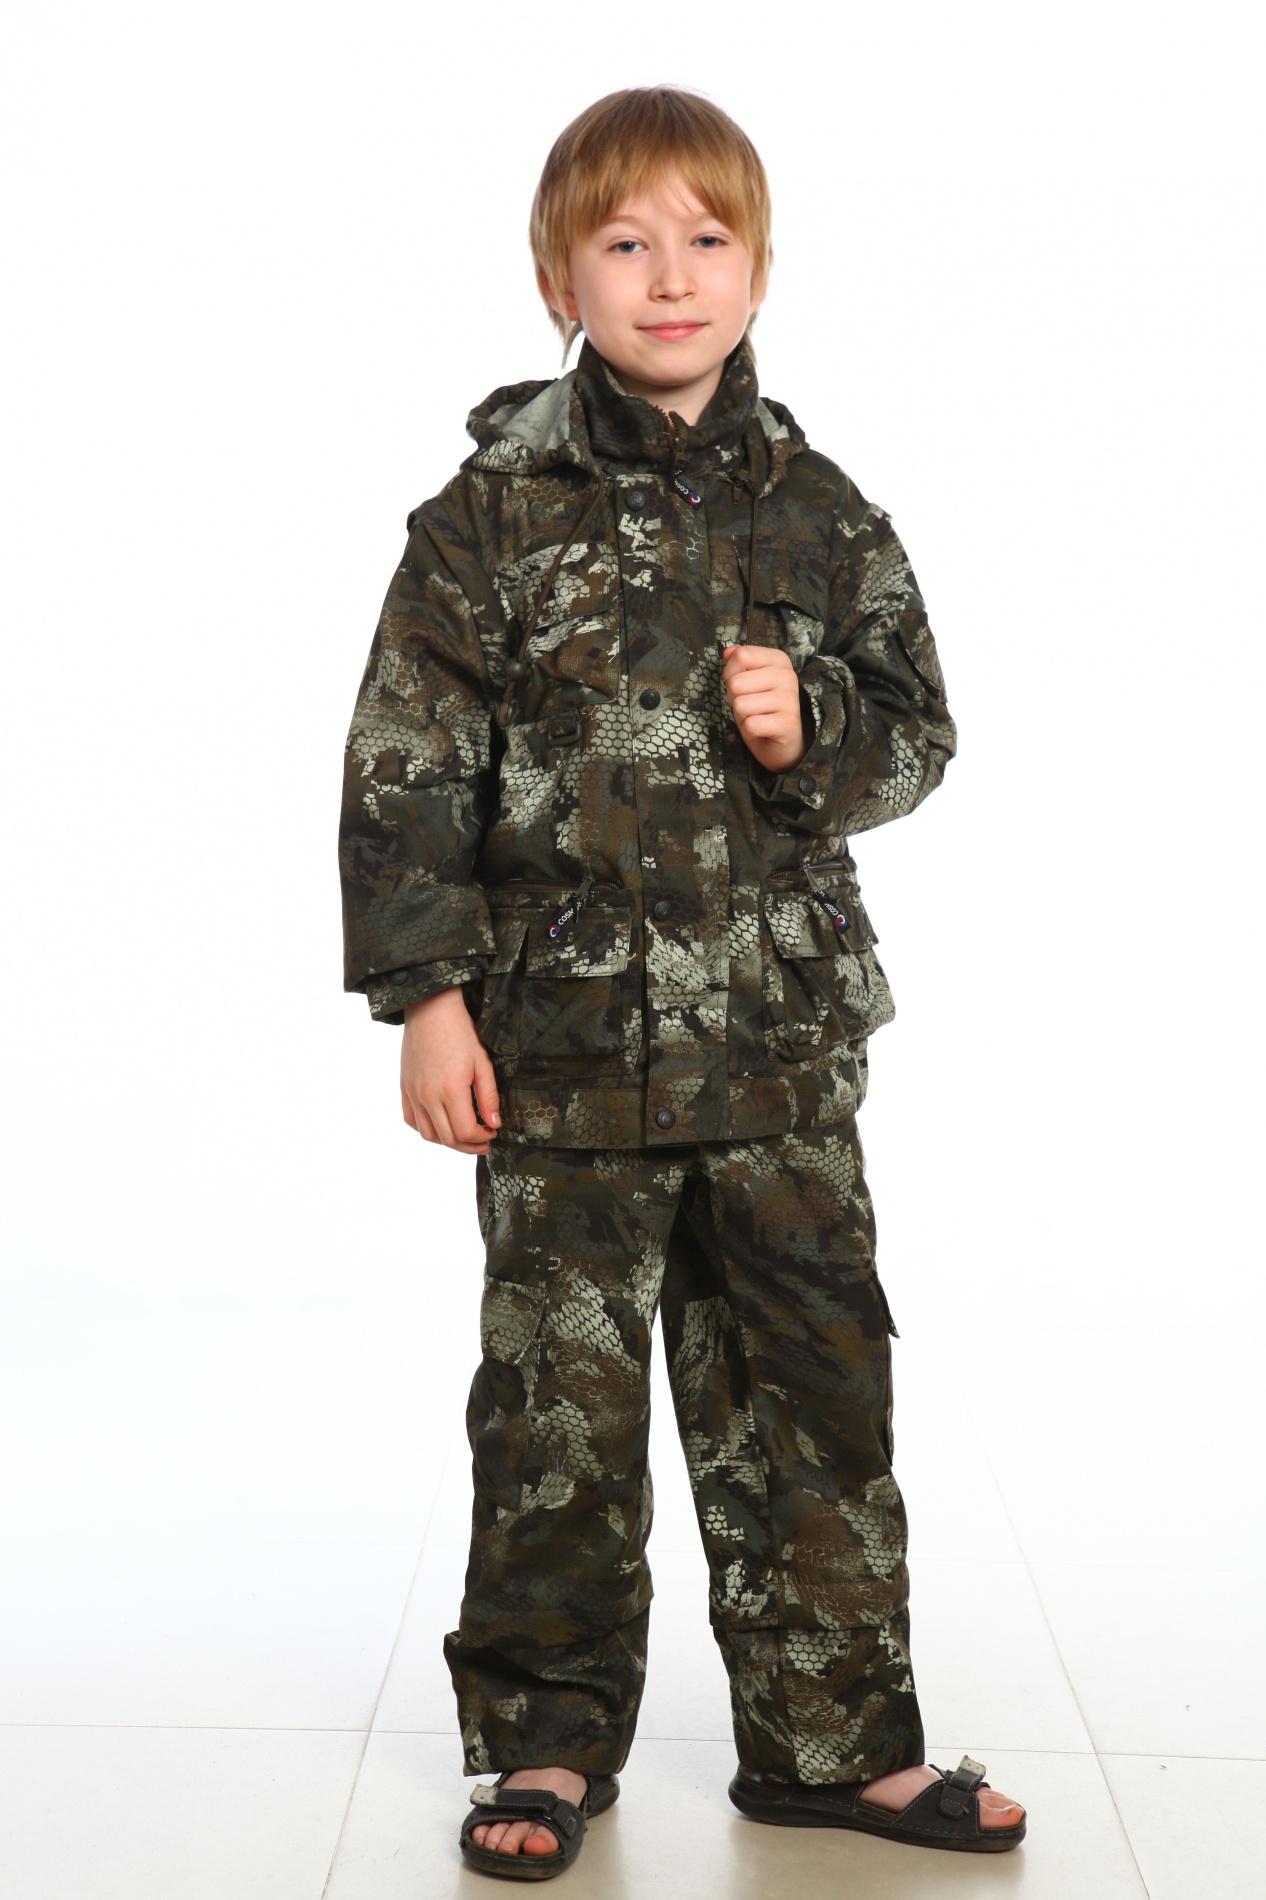 Костюм детский ТрансформерКостюмы неутепленные<br>Костюм летний без подкладки. Трансформер. <br>Куртка + брюки. Пристегивающийся на молнию <br>капюшон с регулировкой лицевой части резиновым <br>шнуром. Центральная застежка куртки на <br>молнию, закрытую ветрозащитной планкой <br>на кнопках. Рукава куртки пристегиваются <br>на молнию. Застежка брюк на молнию. На брюках <br>пристегивающиеся на молнию нижние части. <br>Низ брюк - с регулировкой по ширине резиновым <br>шнуром. Количество карманов - 17. Ткань - Твилл <br>Пич Состав - 65% х/б, 35% п/э Плотность - 210гр./кв.м.<br><br>Пол: мужской<br>Сезон: лето